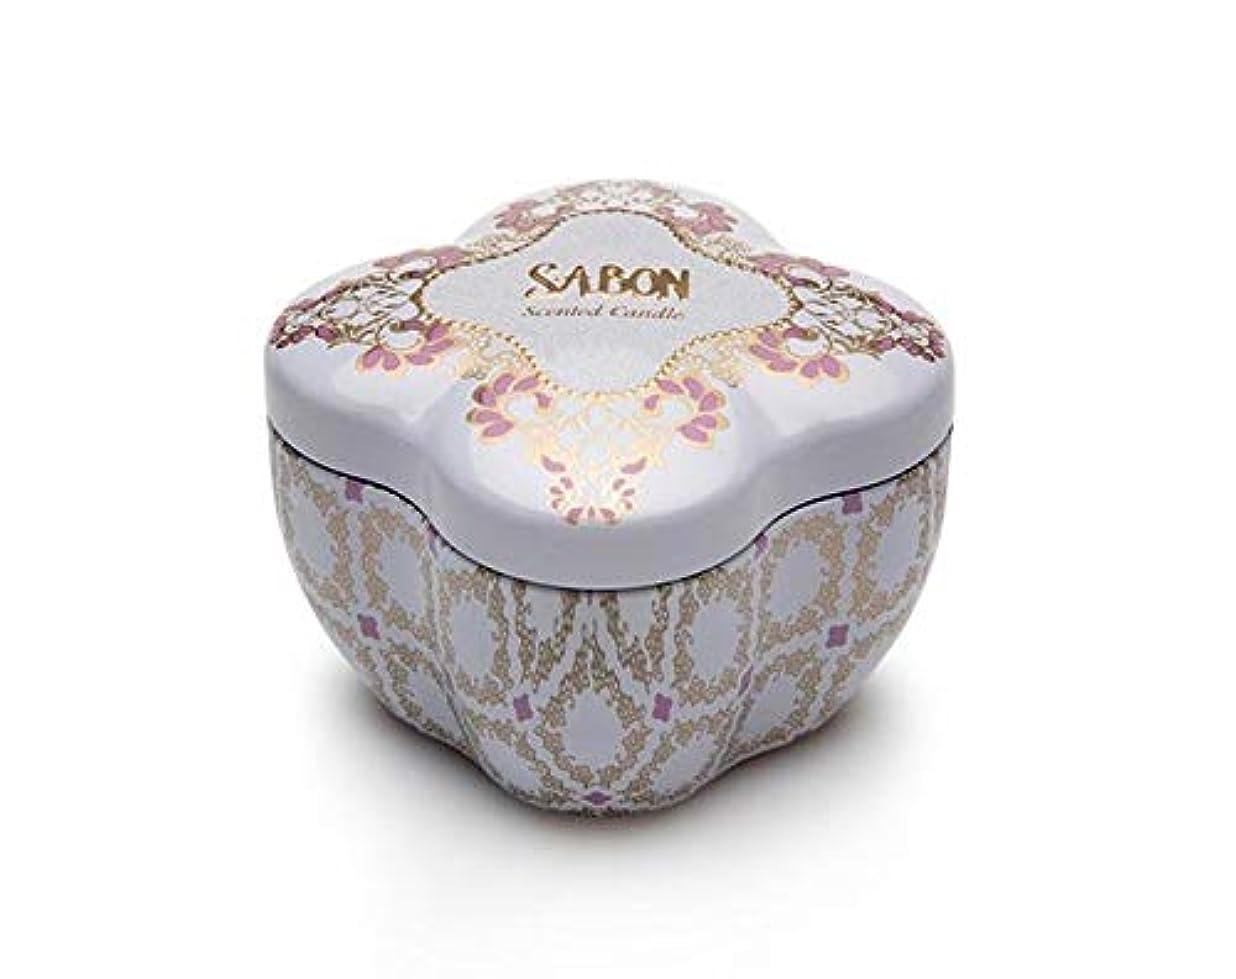 新年ヒューマニスティックこする【SABON(サボン)】SABONティンキャンドルS《ライミーラベンダー》(Limy Lavender)限定 イスラエル発 並行輸入品 海外直送